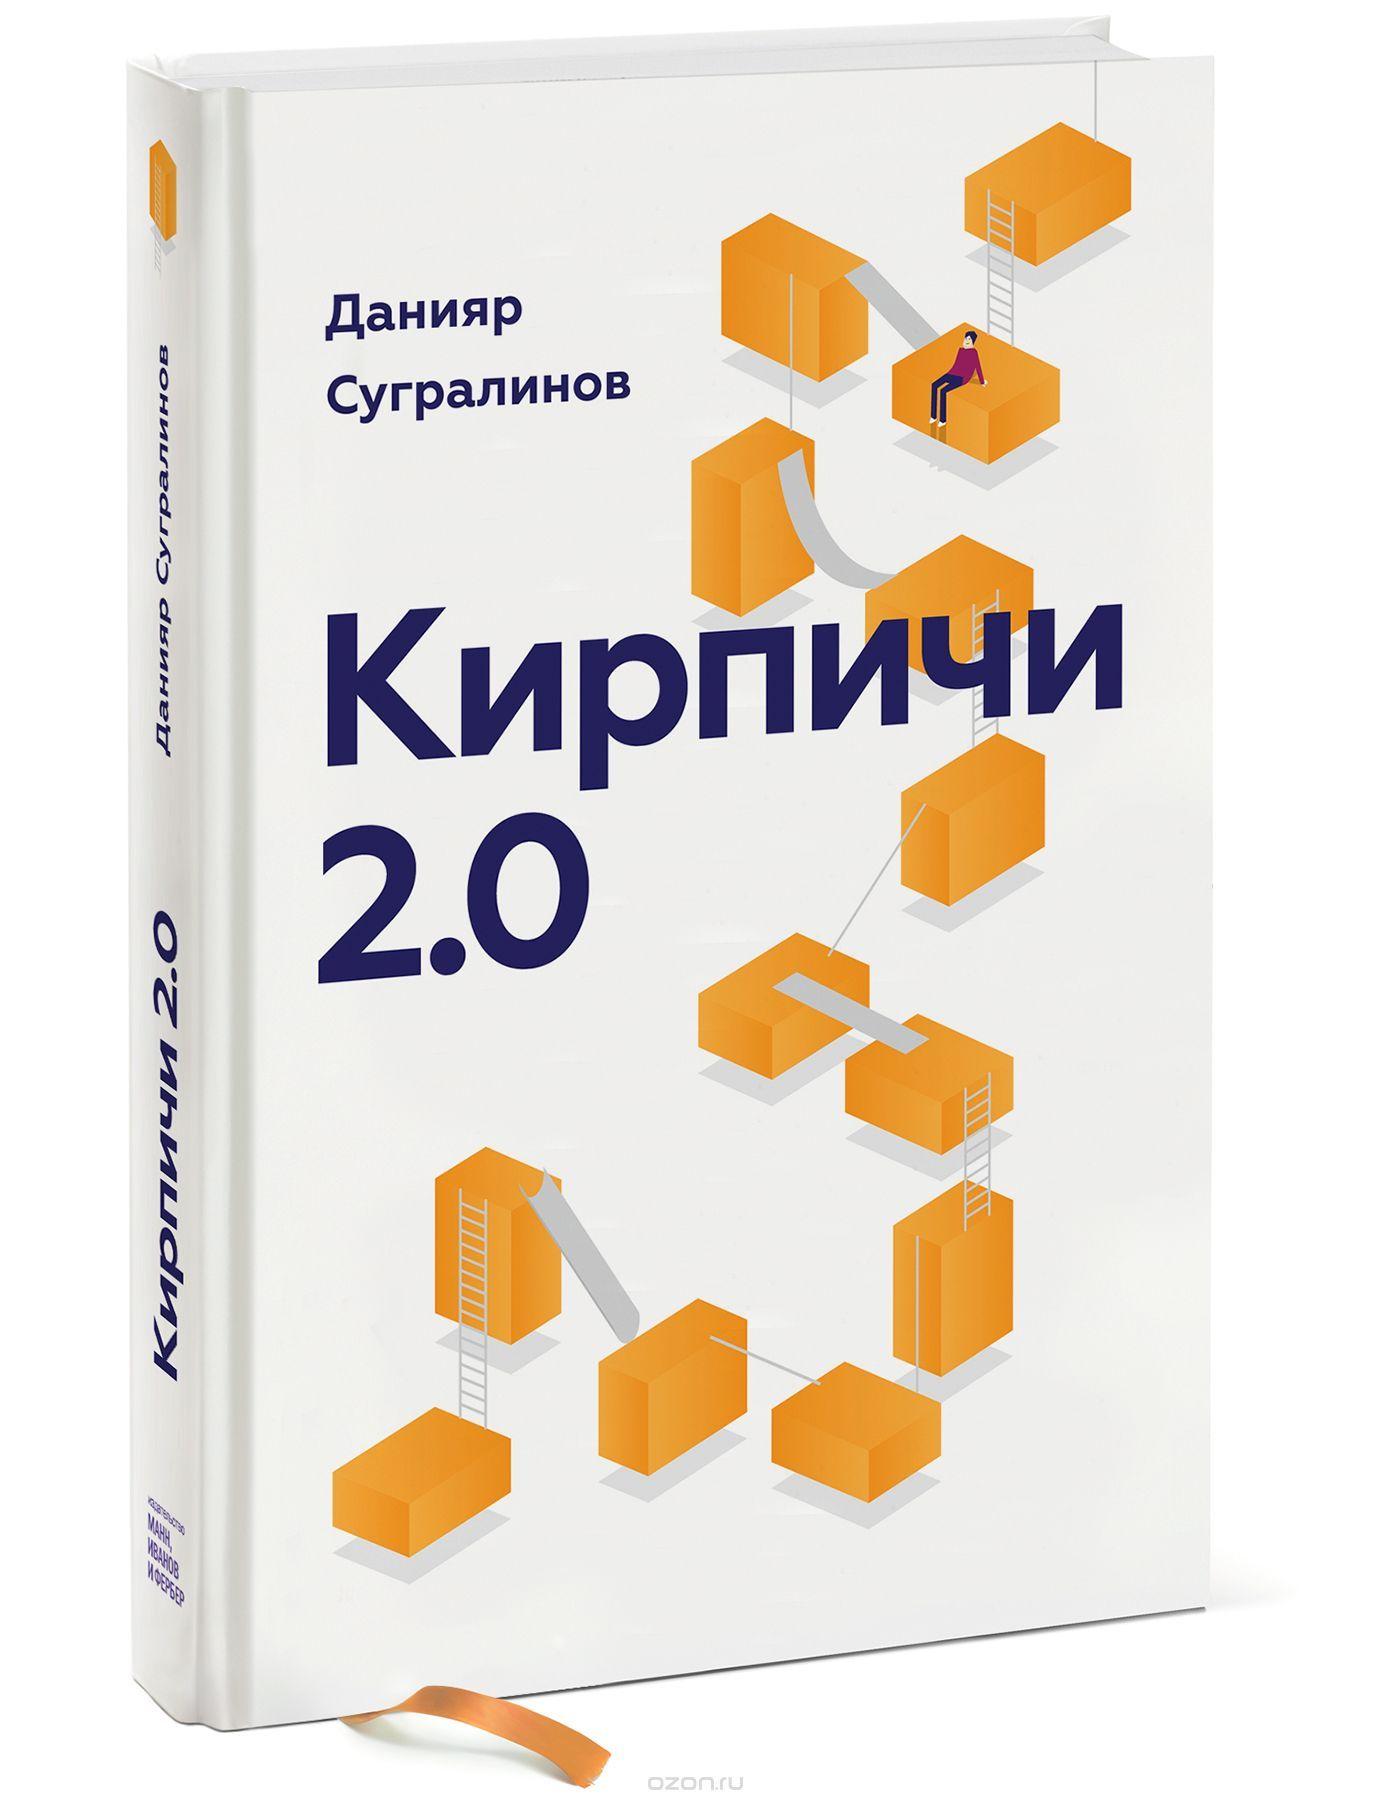 Данияр сугралинов, кирпичи 2. 0 – скачать в fb2, epub, pdf, txt на.